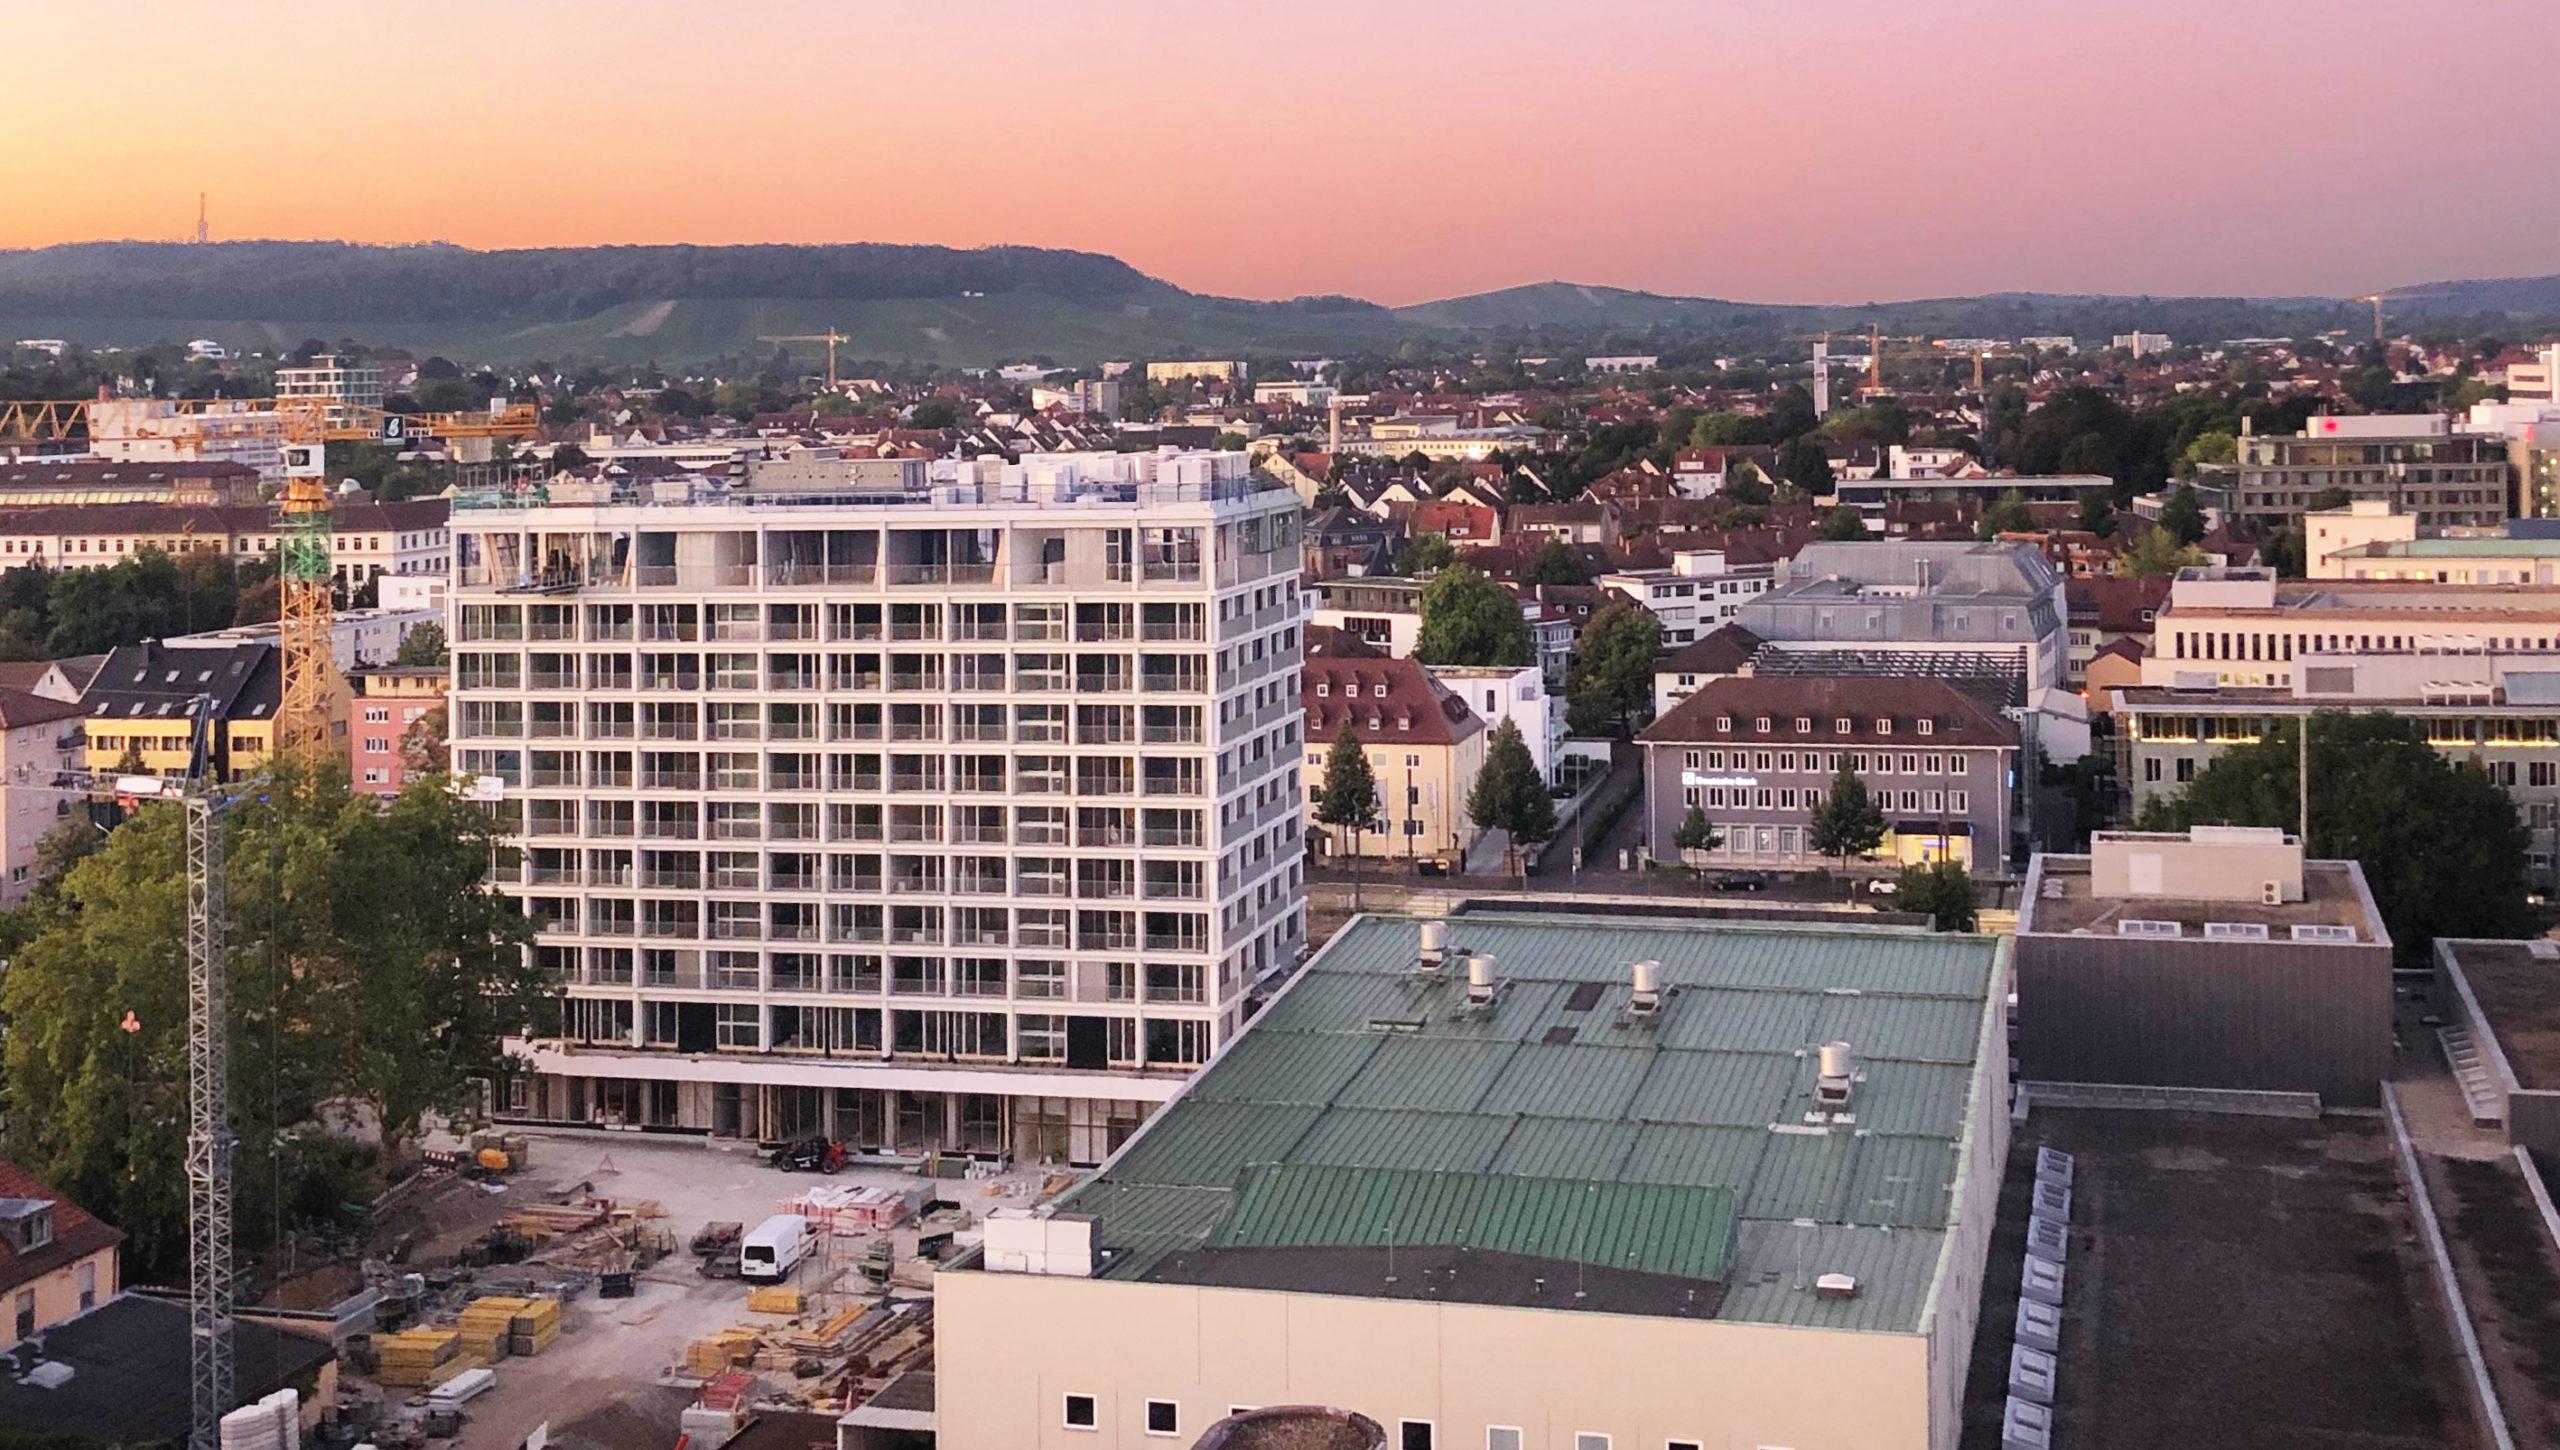 Das Ensemble aus Hotel und Stadthalle in zentraler Lage im Stadtgarten mit Ausblick auf die Weinberge